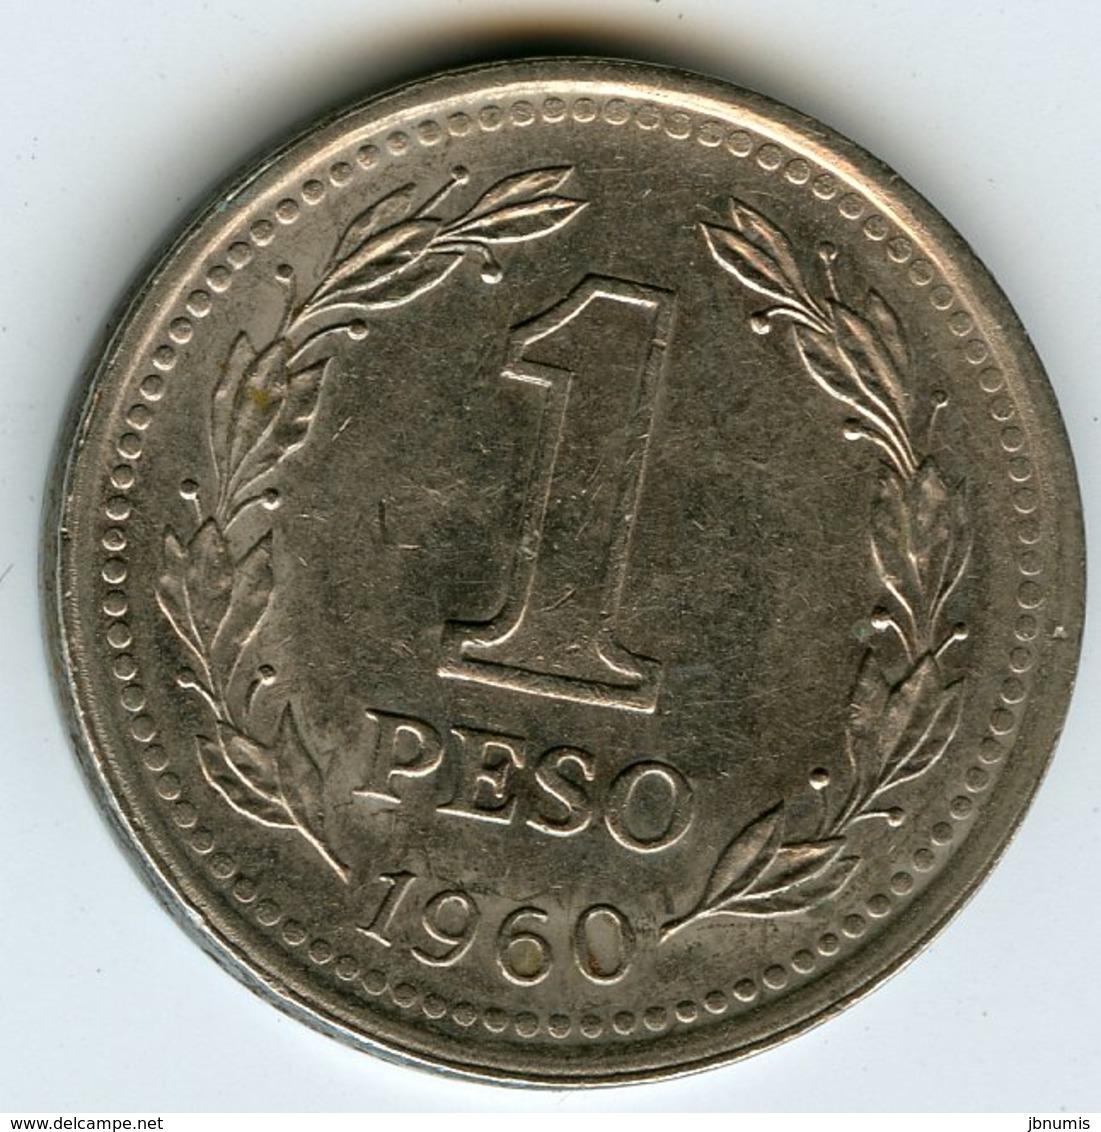 Argentine Argentina 1 Peso 1960 KM 57 - Argentine